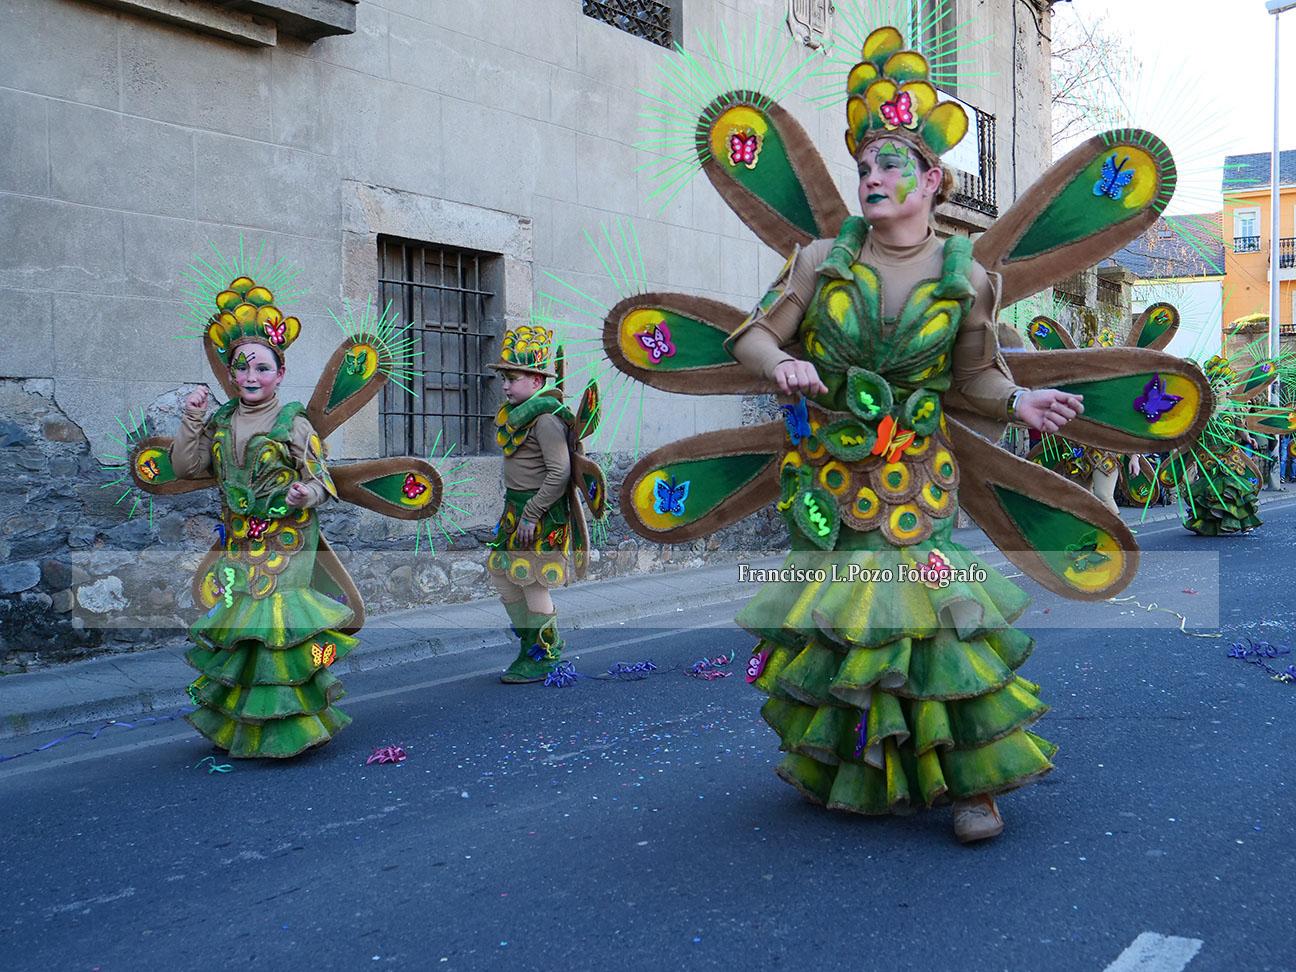 Carnaval 2020: Camponaraya sale a la calle a ritmo de comparsa 7